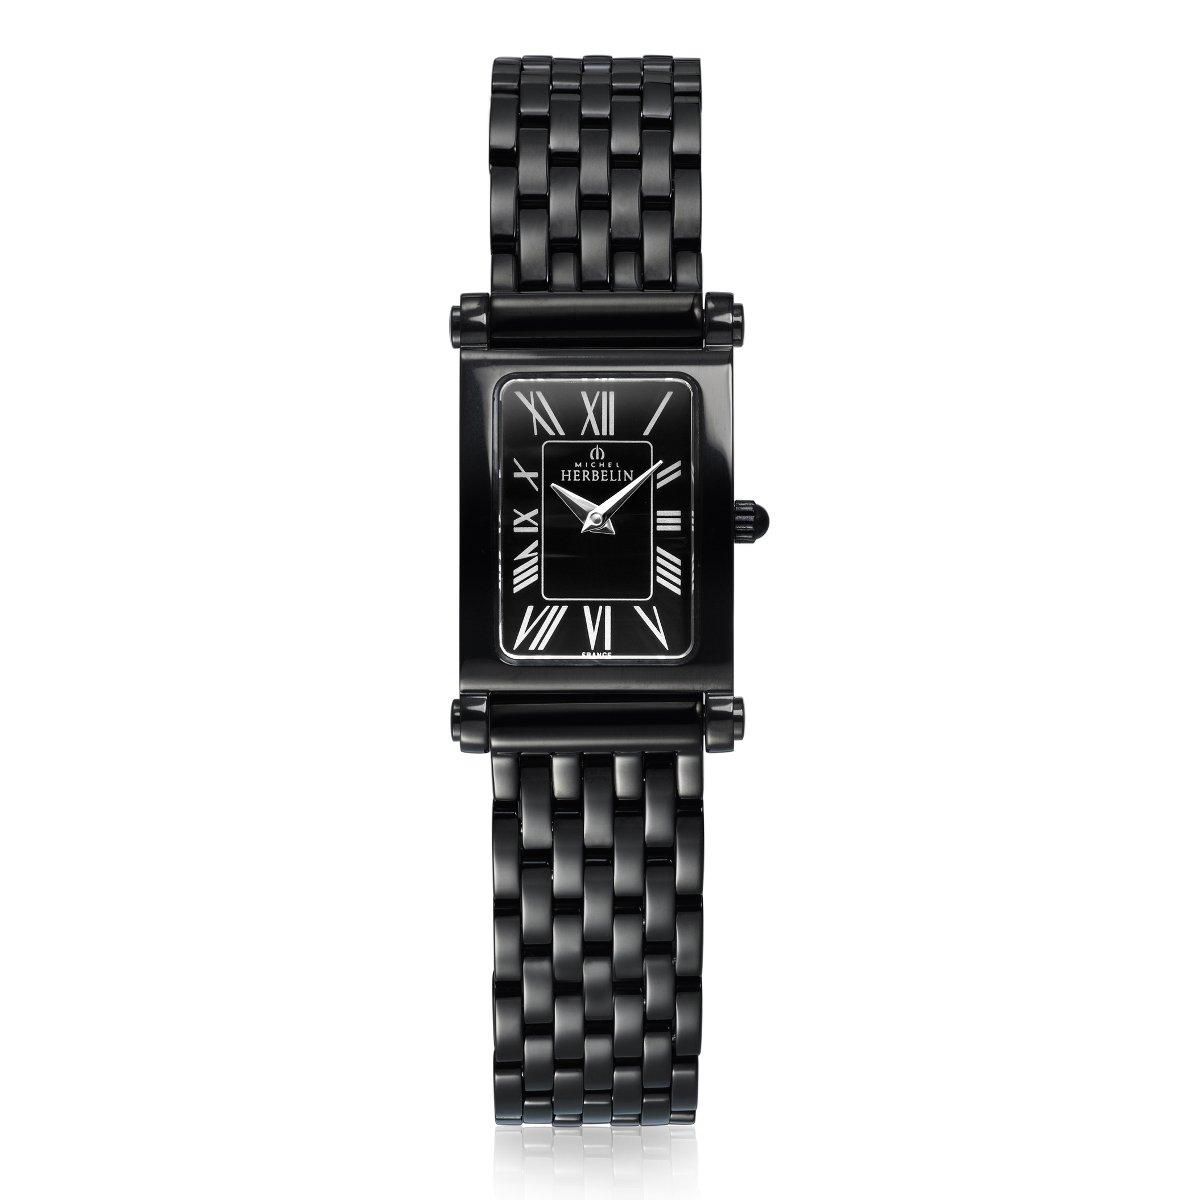 Coffret de montre Michel Herbelin Antarès Rock Chic Edition, bracelet acier et cuir vue 2